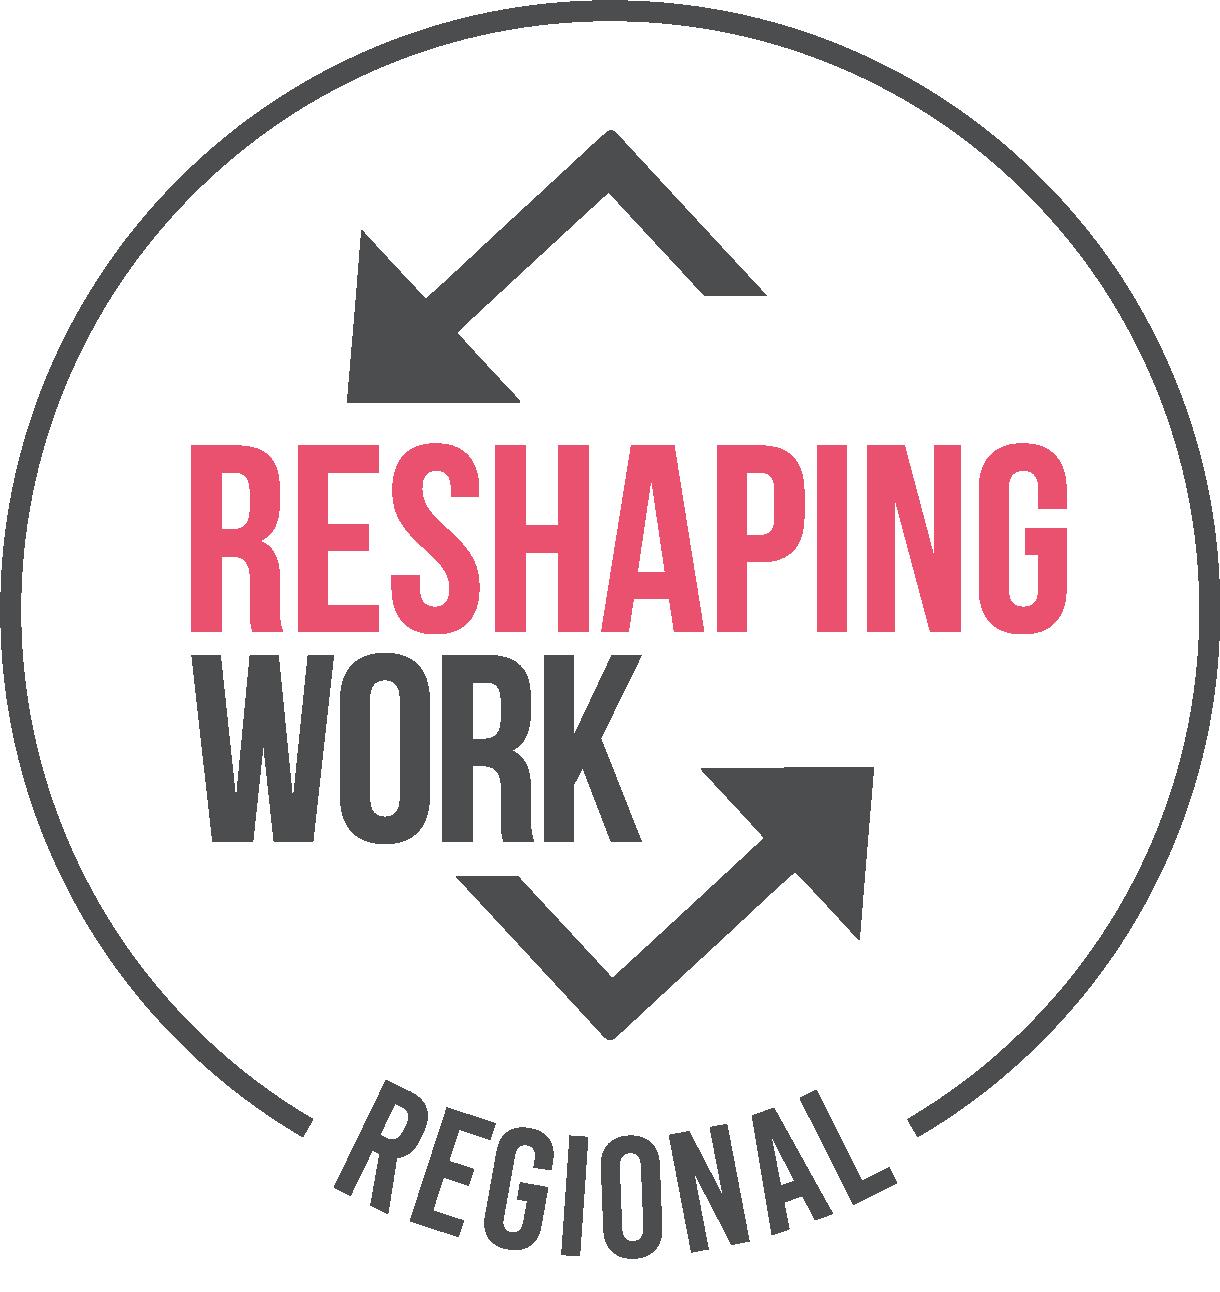 ReshapingWorkRegionalLogo.png